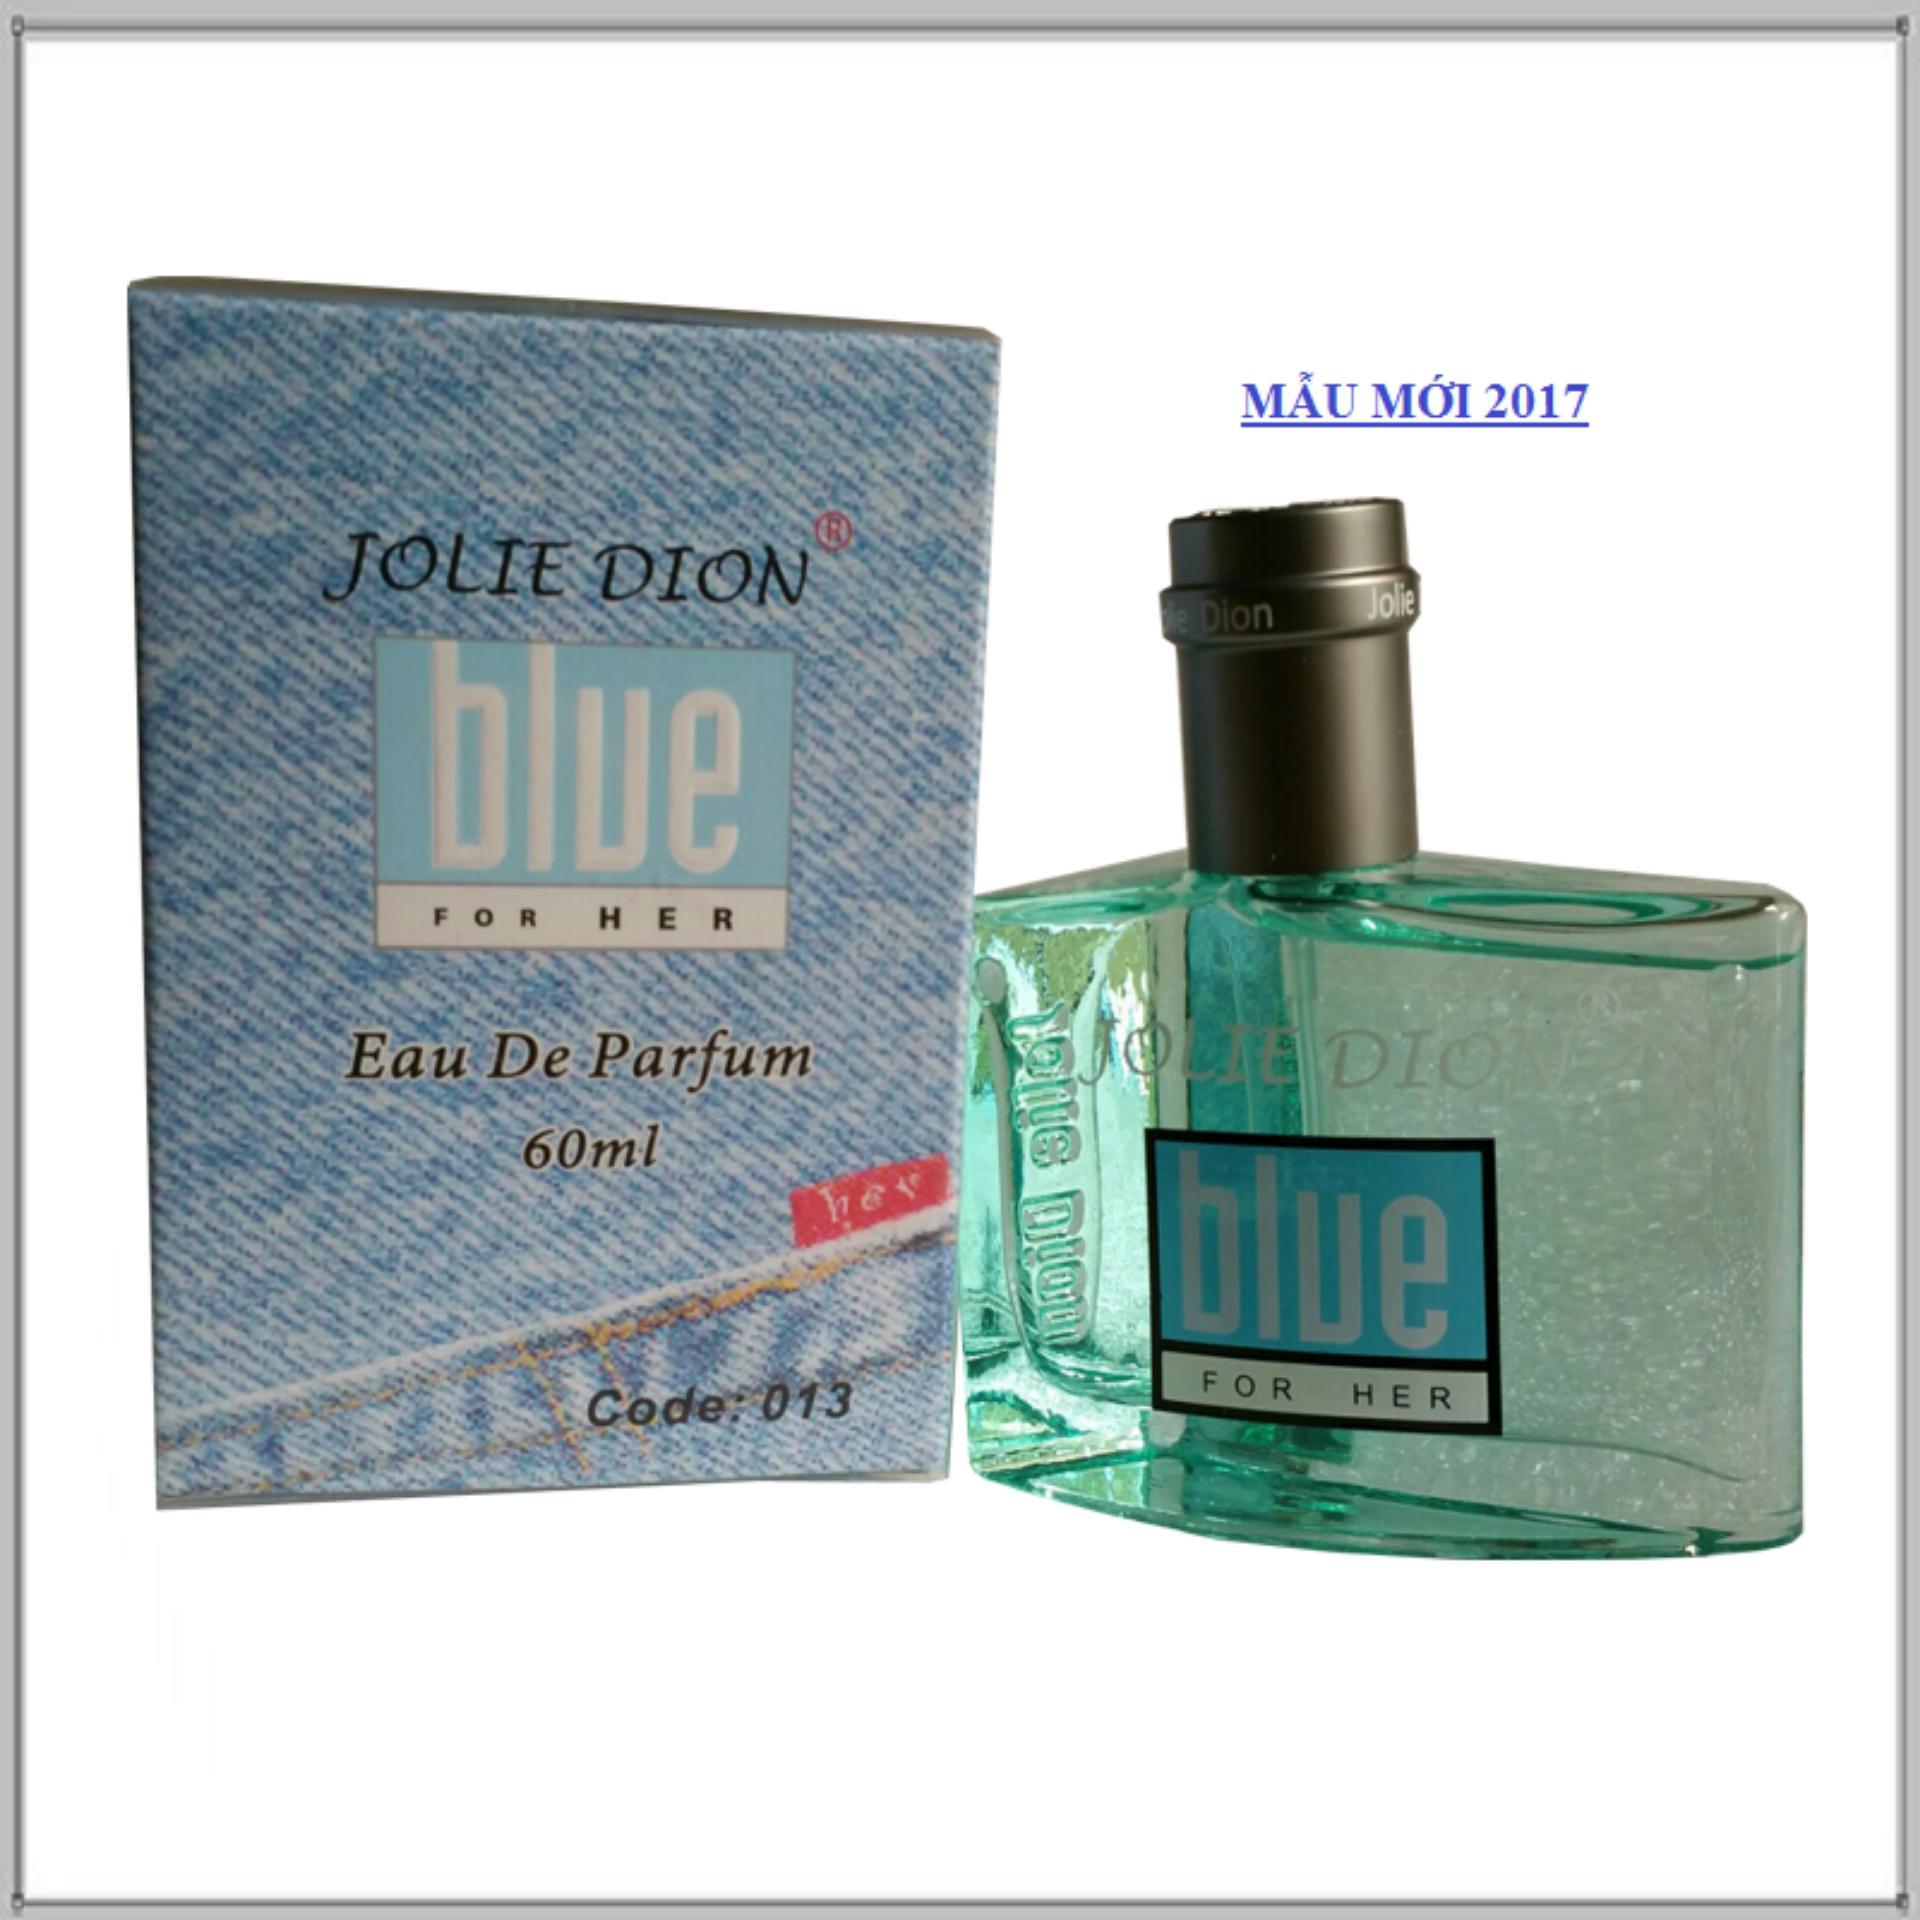 Nước hoa Blue nữ Jolie Dion Singapore chính hãng 60ml